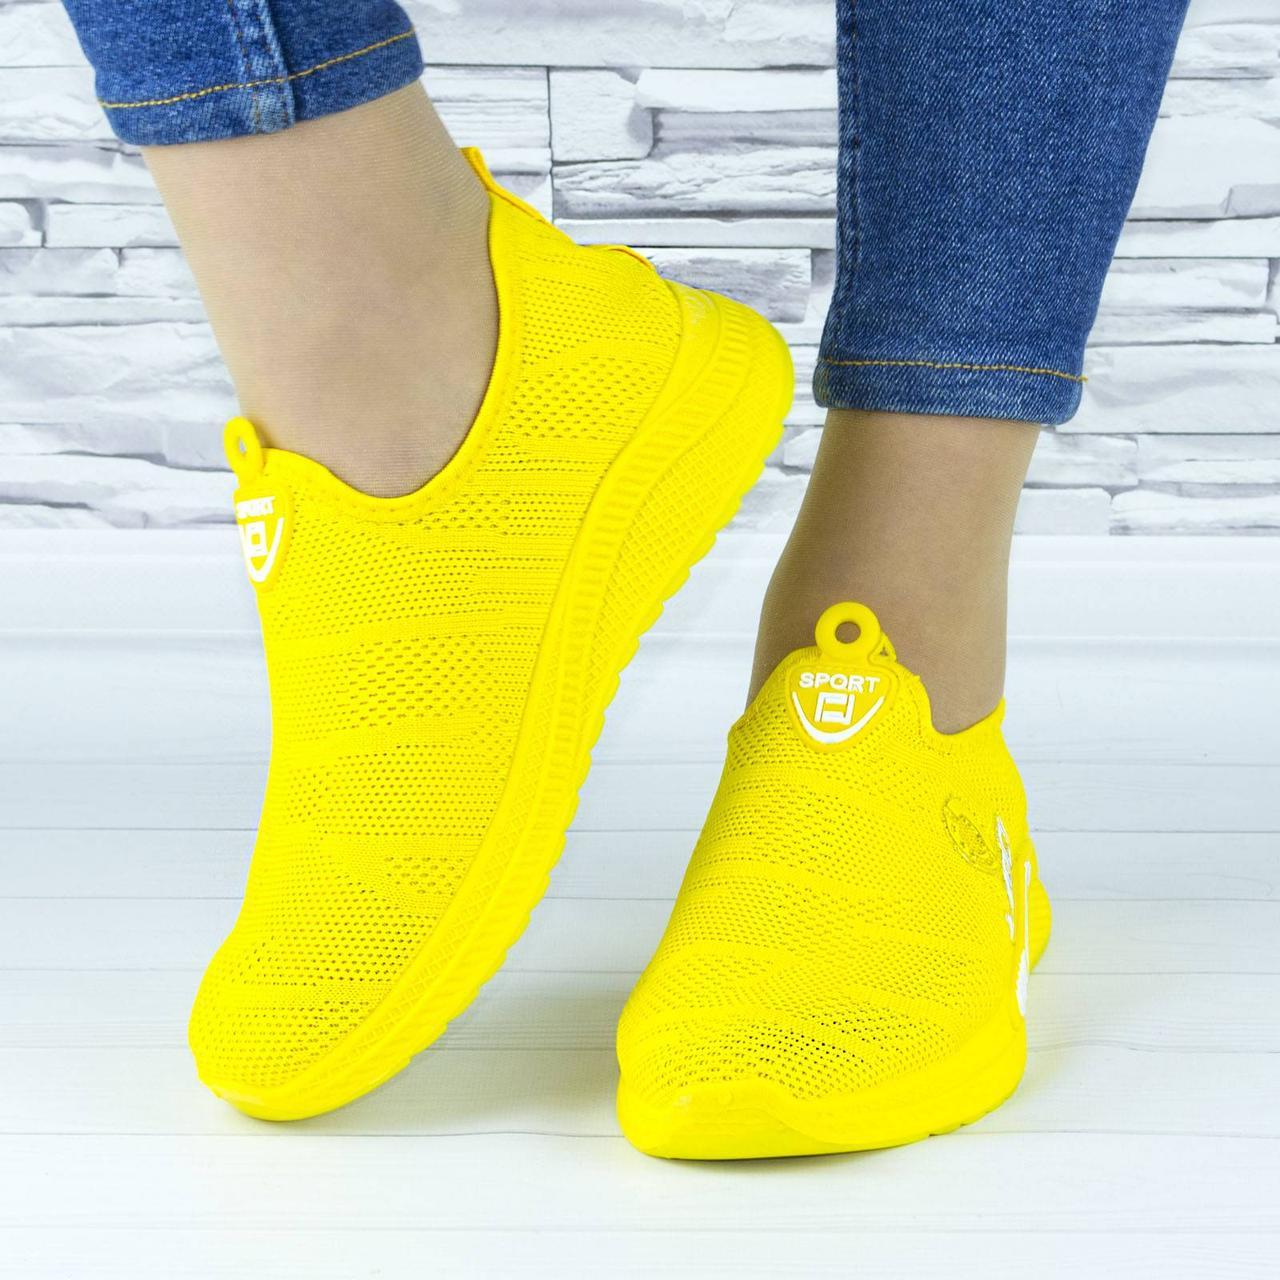 Кросівки жіночі жовті текстильні сіточка (b-660)